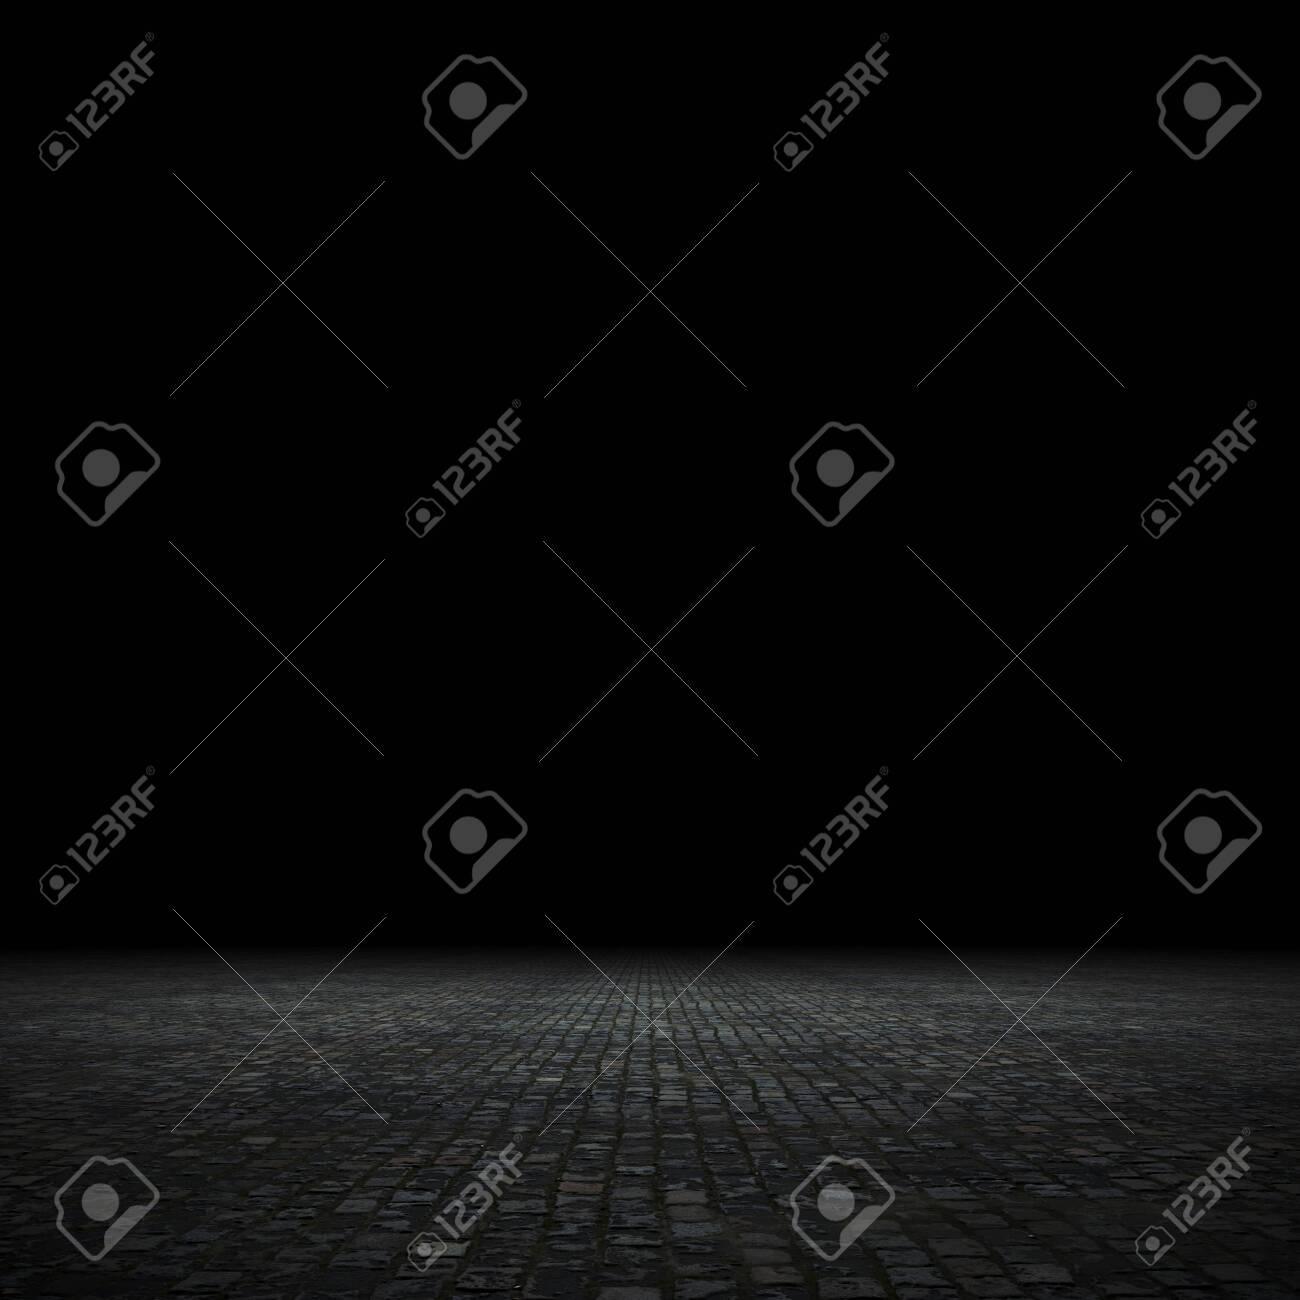 Empty spot lit dark background, 3d render - 139271496